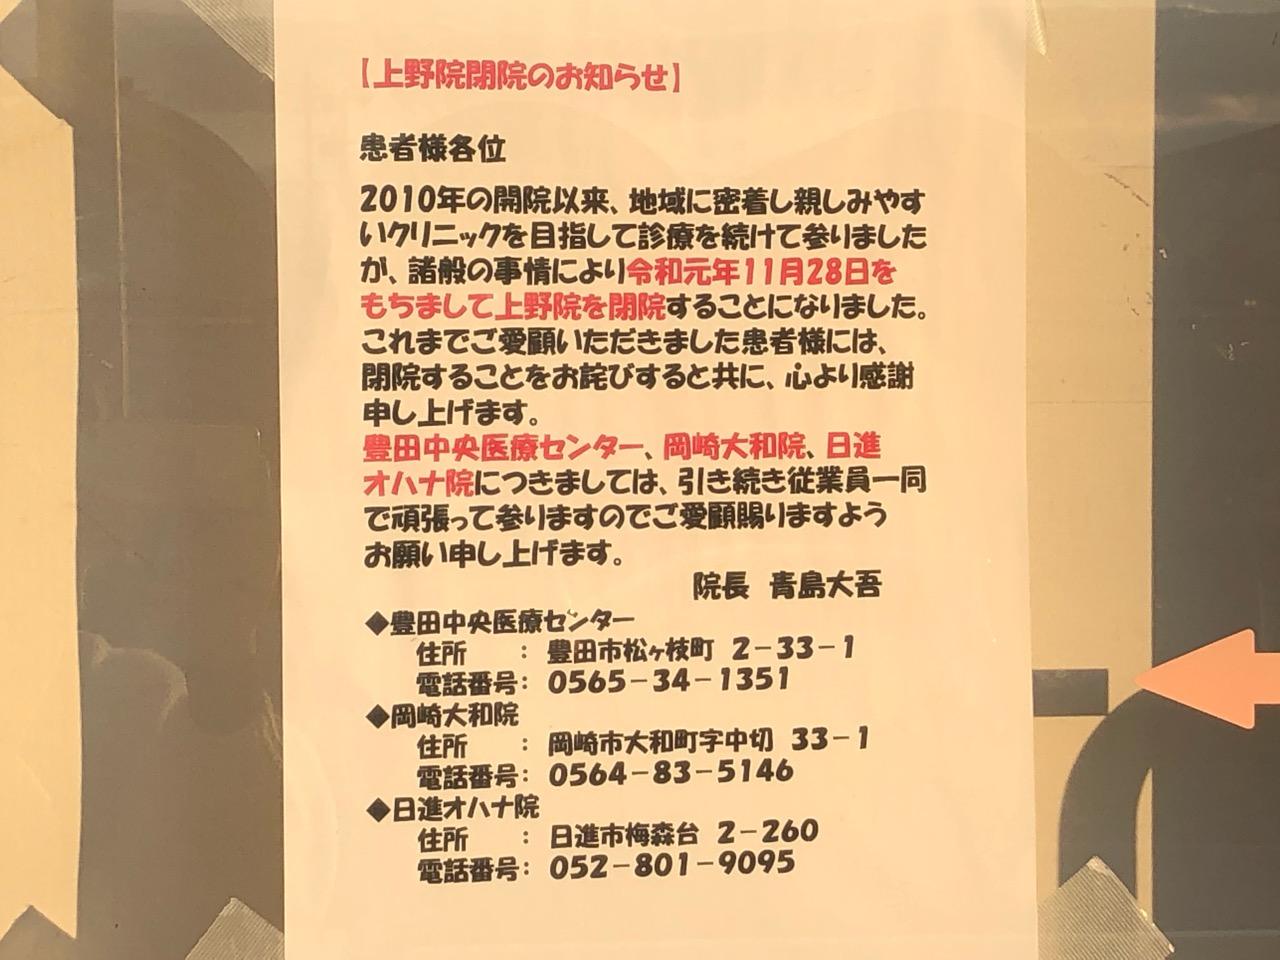 11月28日に閉院したダイゴペットクリニック閉院